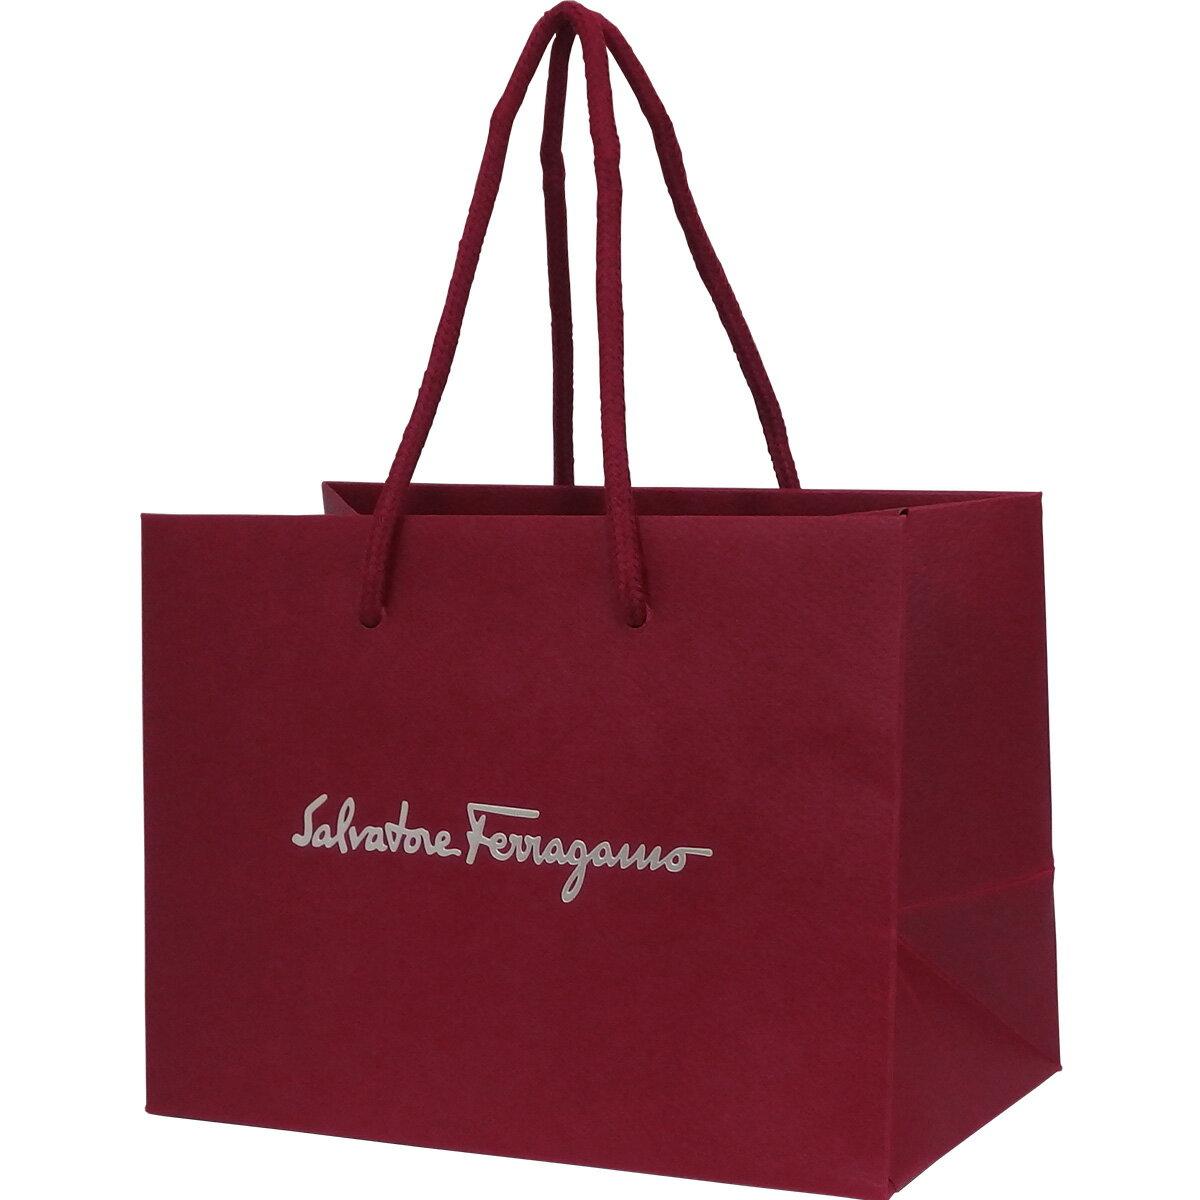 袋, 紙袋・手提げ袋  Salvatore Ferragamo 1 A 10 20 30 40 50